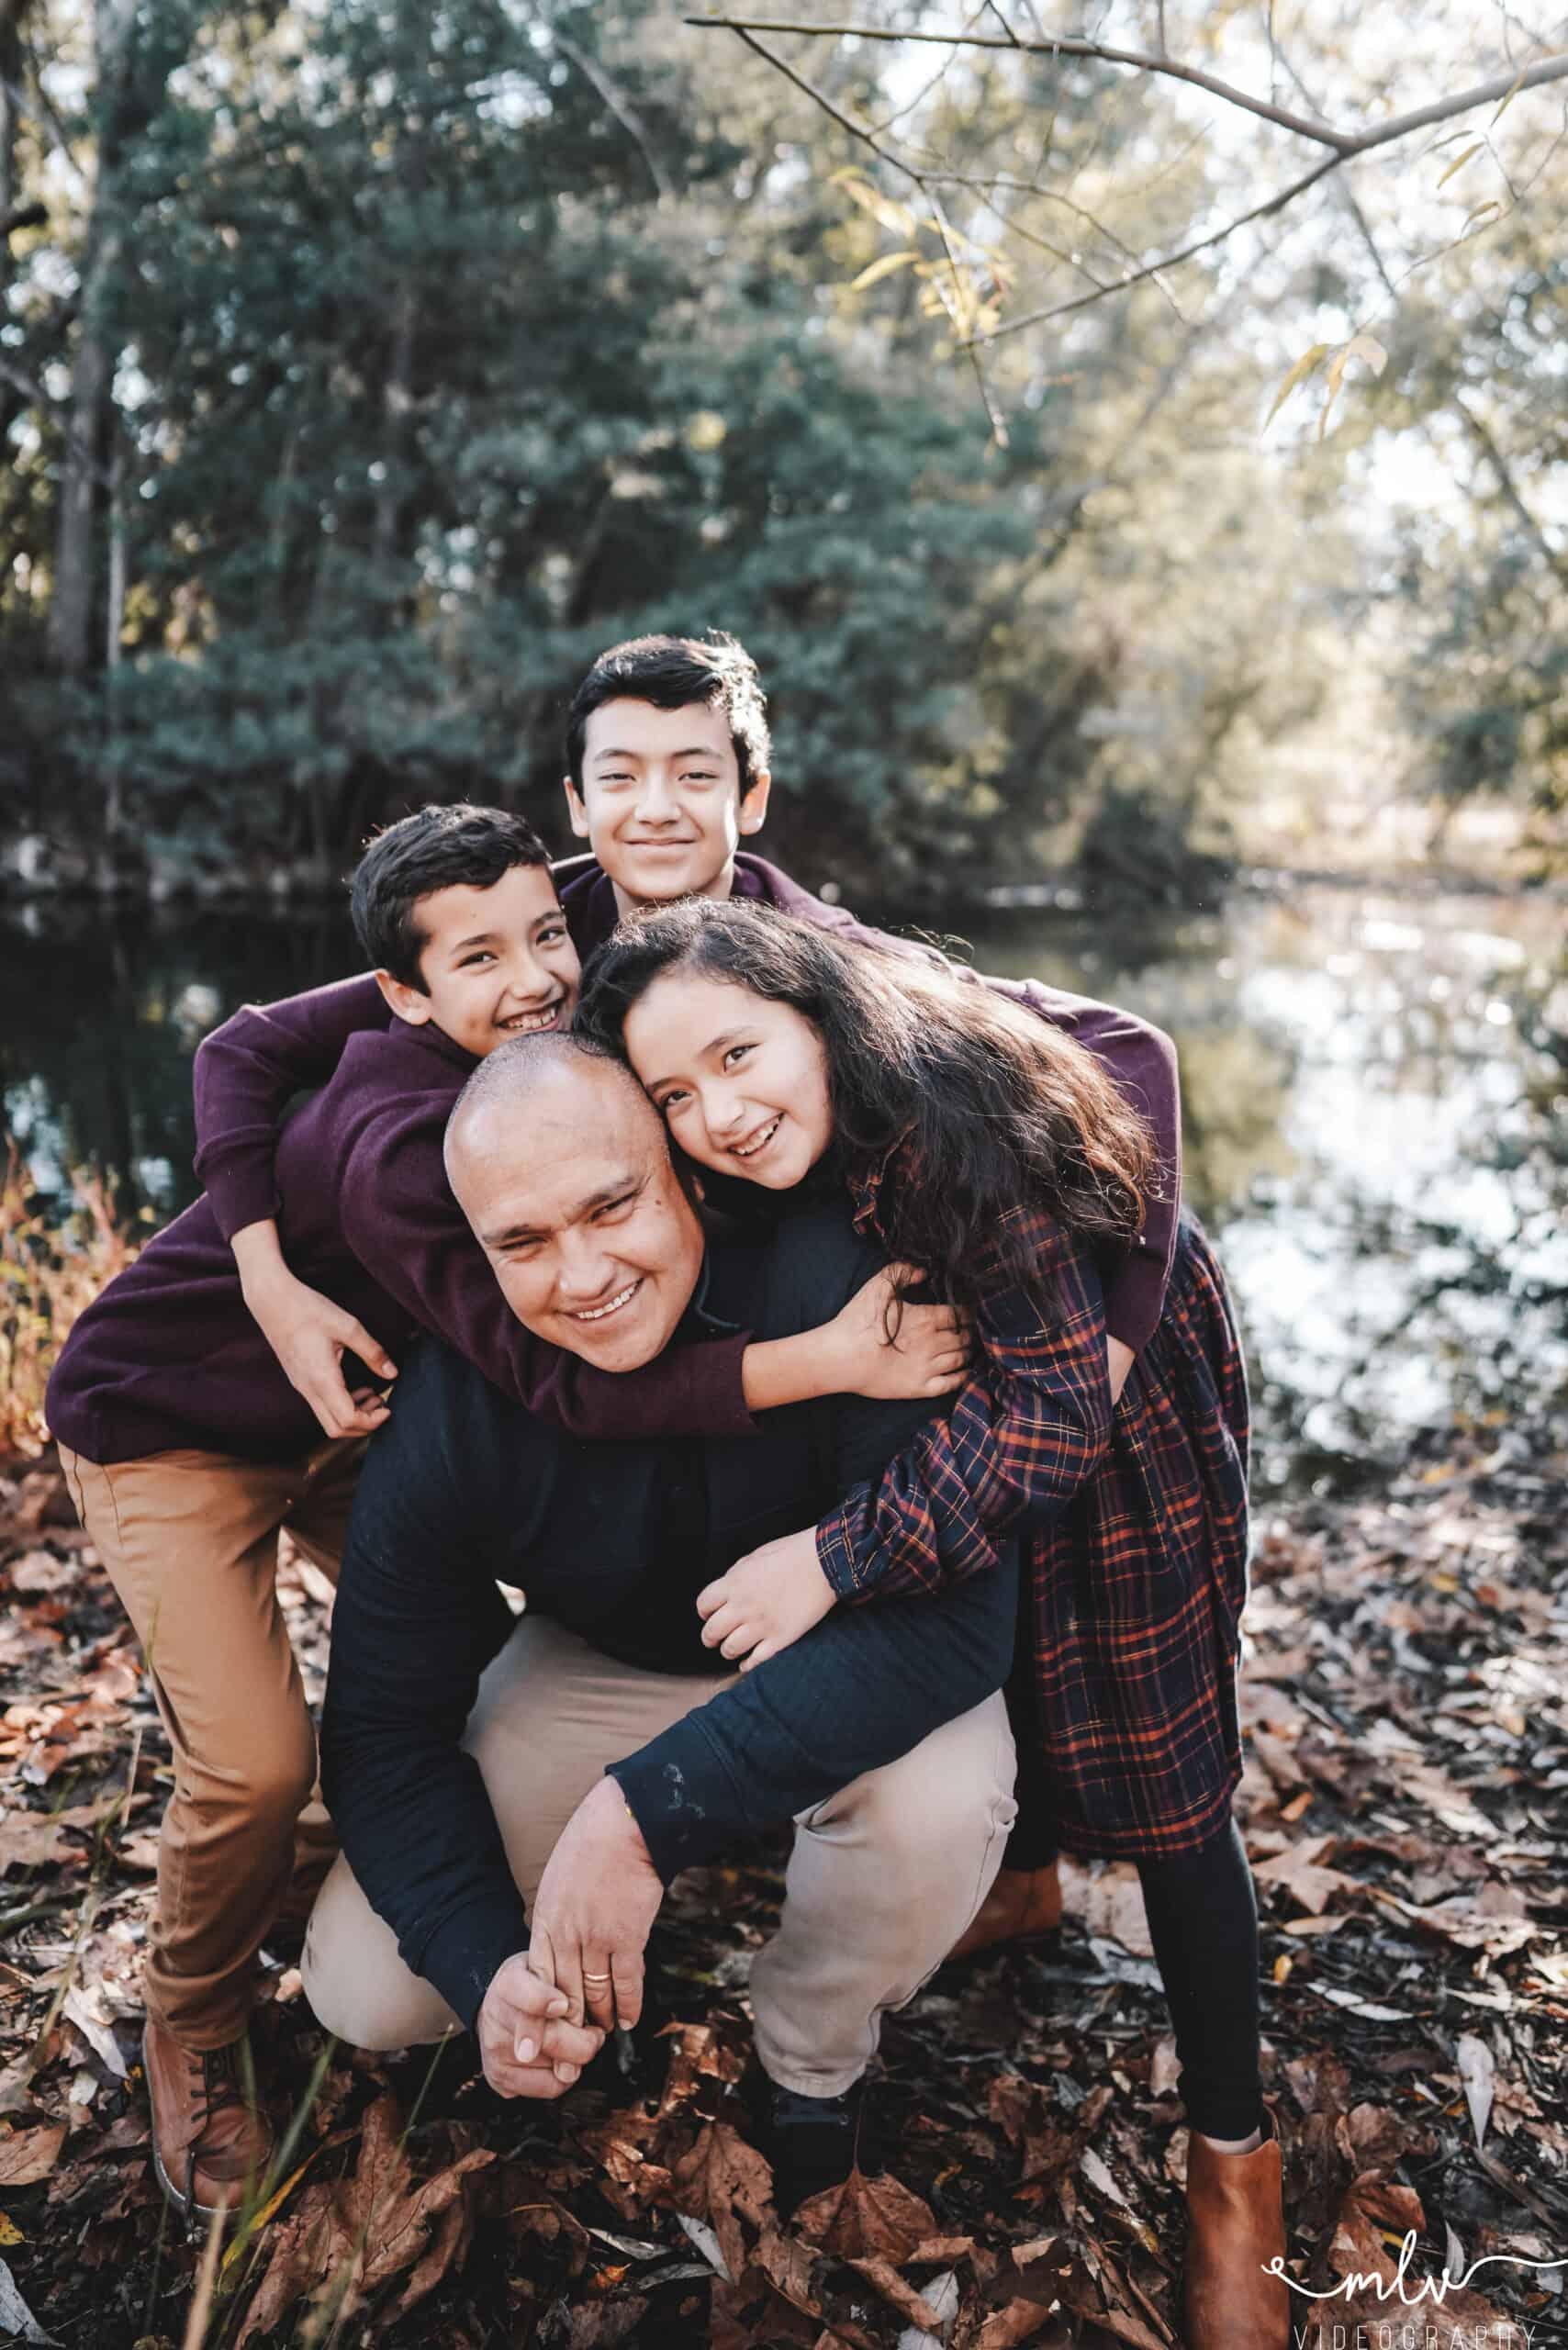 Vasona Lake Park Family Photography